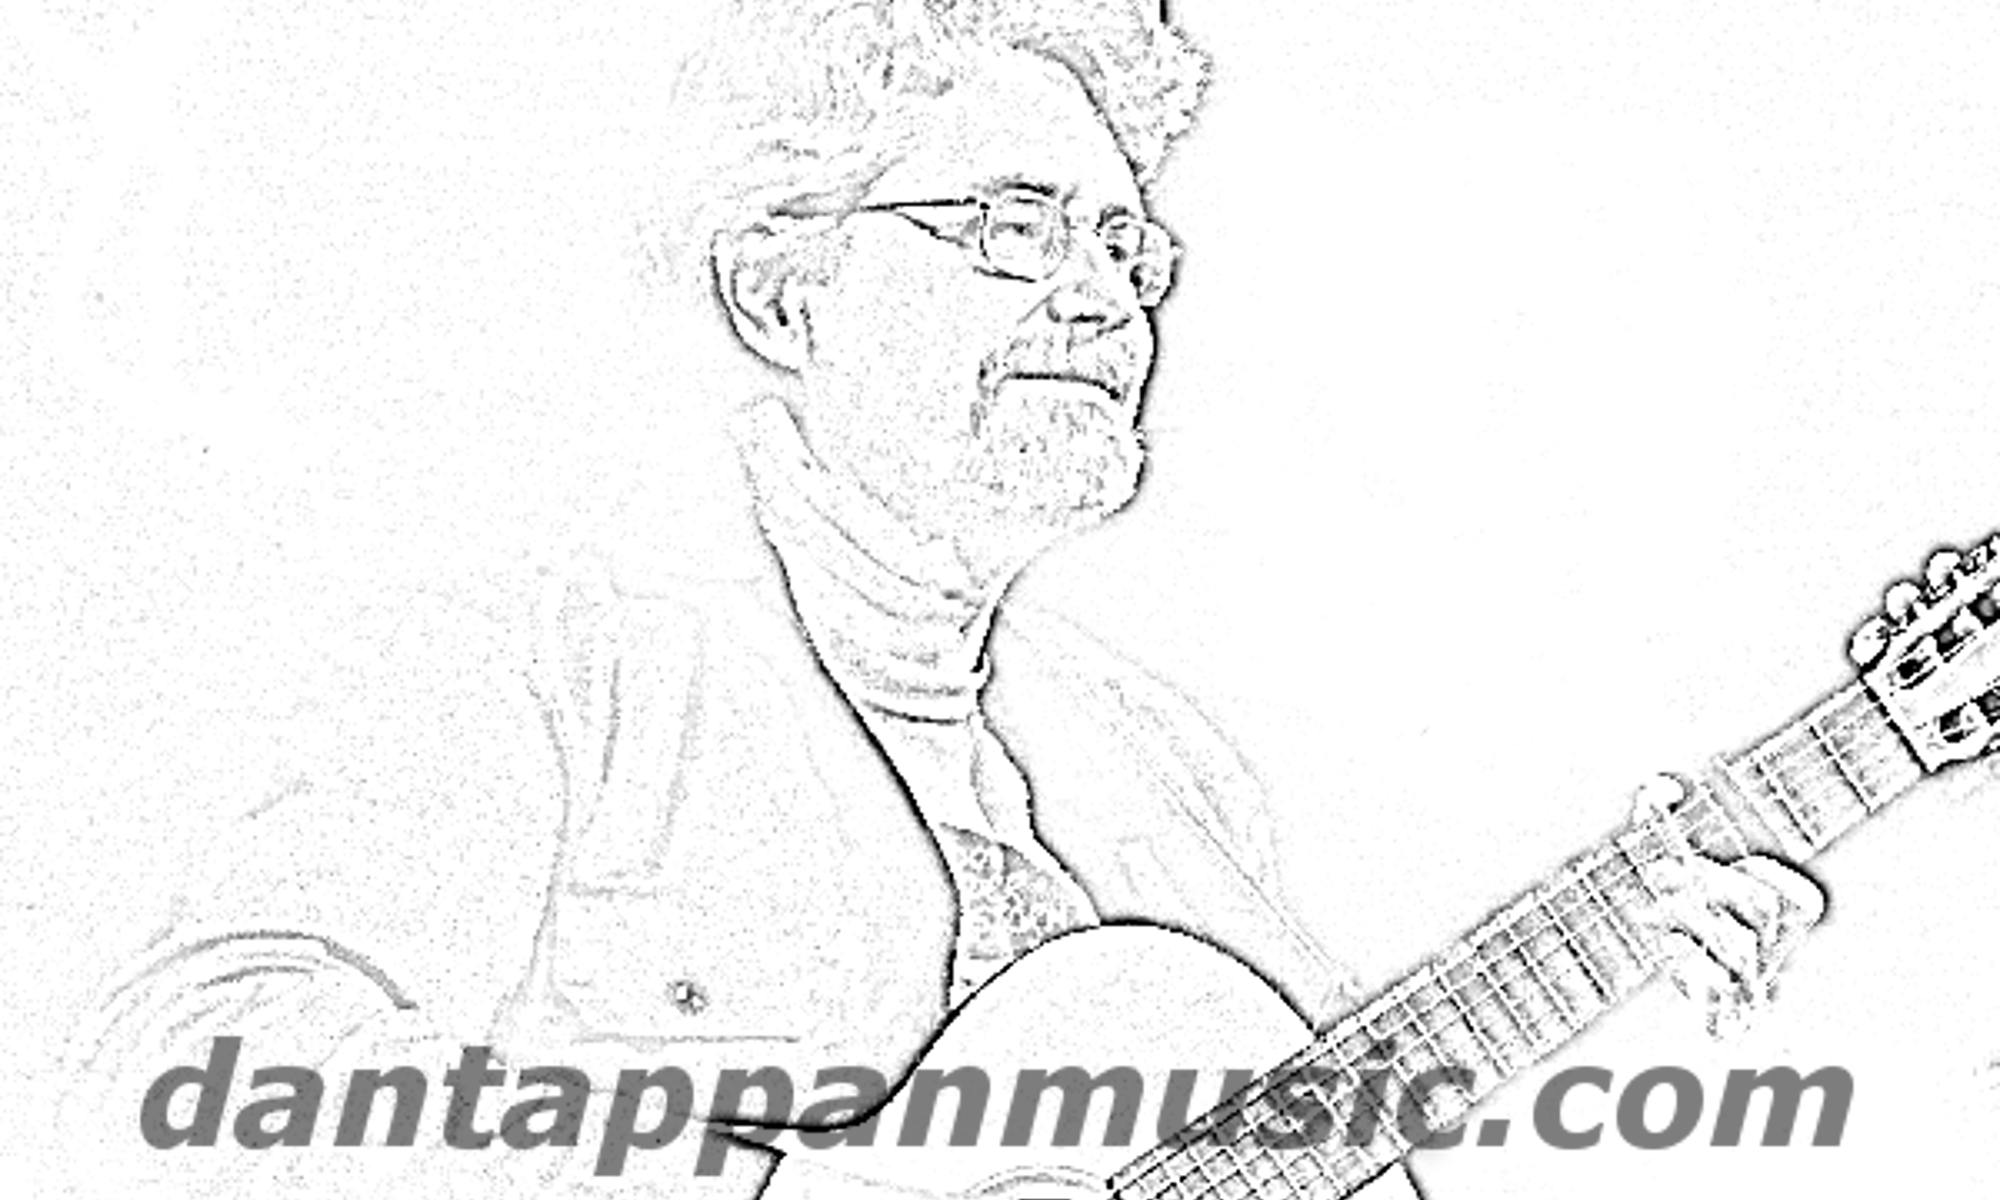 Dan Tappan Music